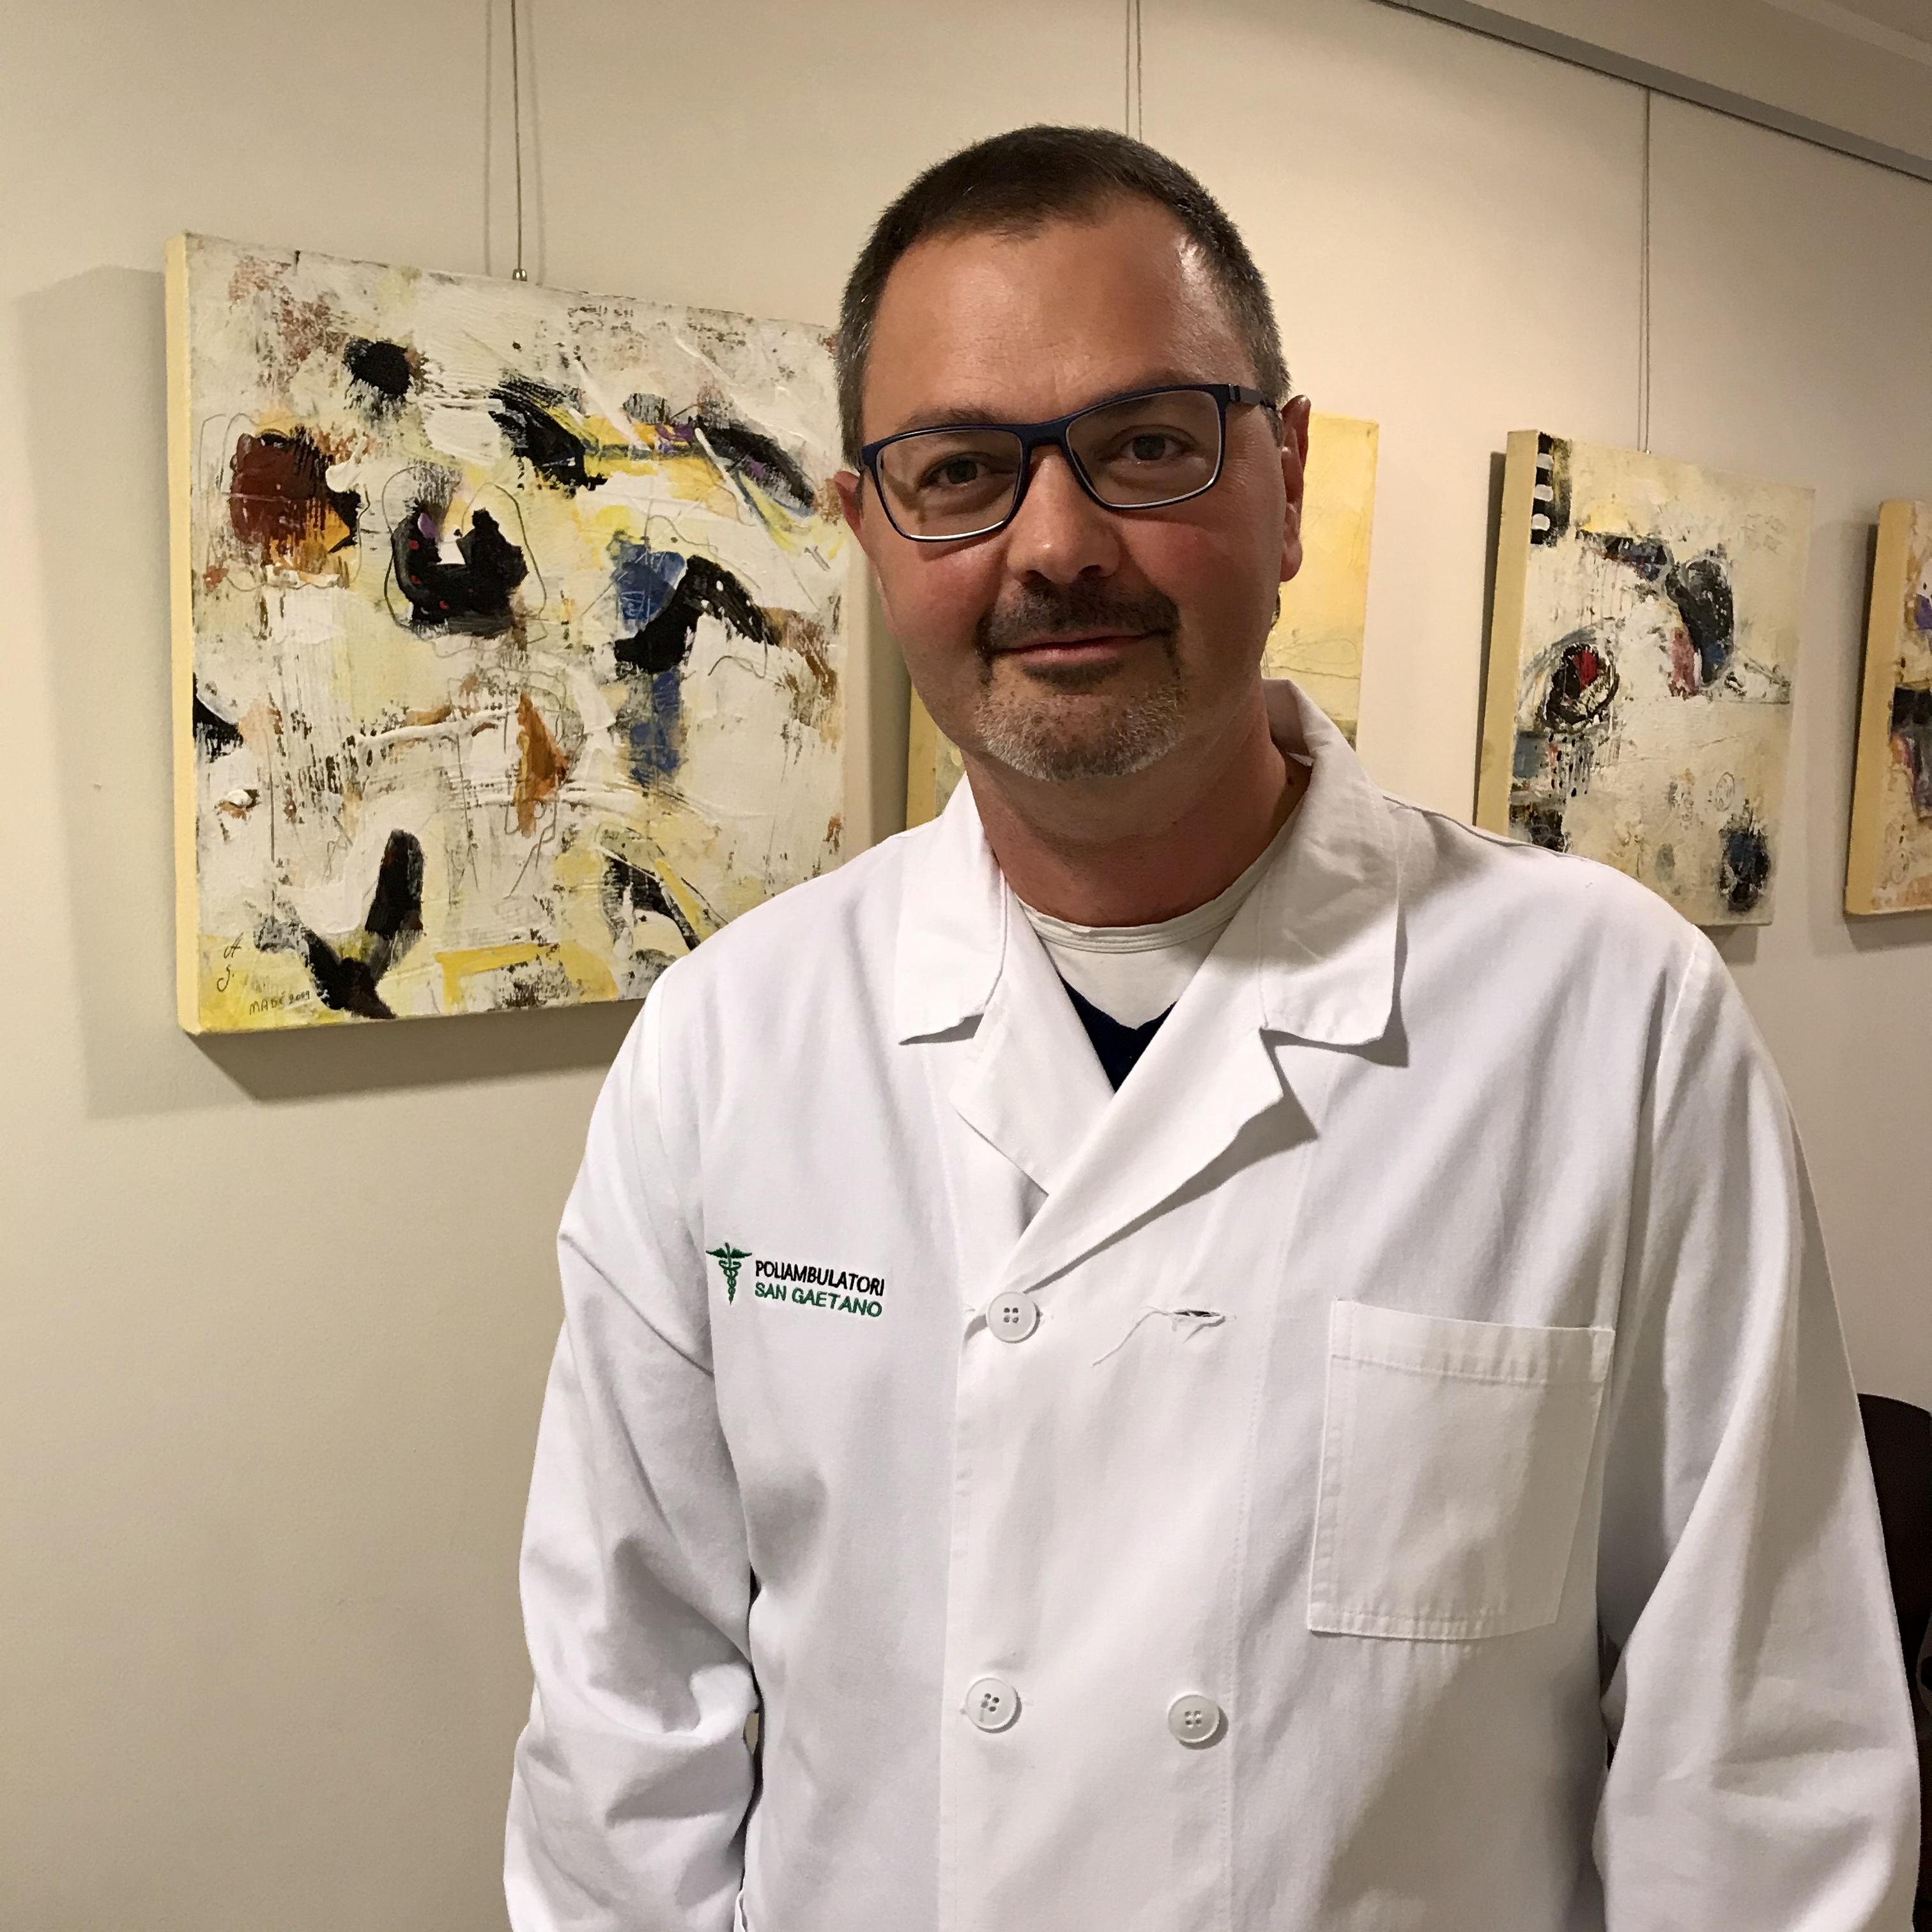 Dott. Seraglio Paolo Mario